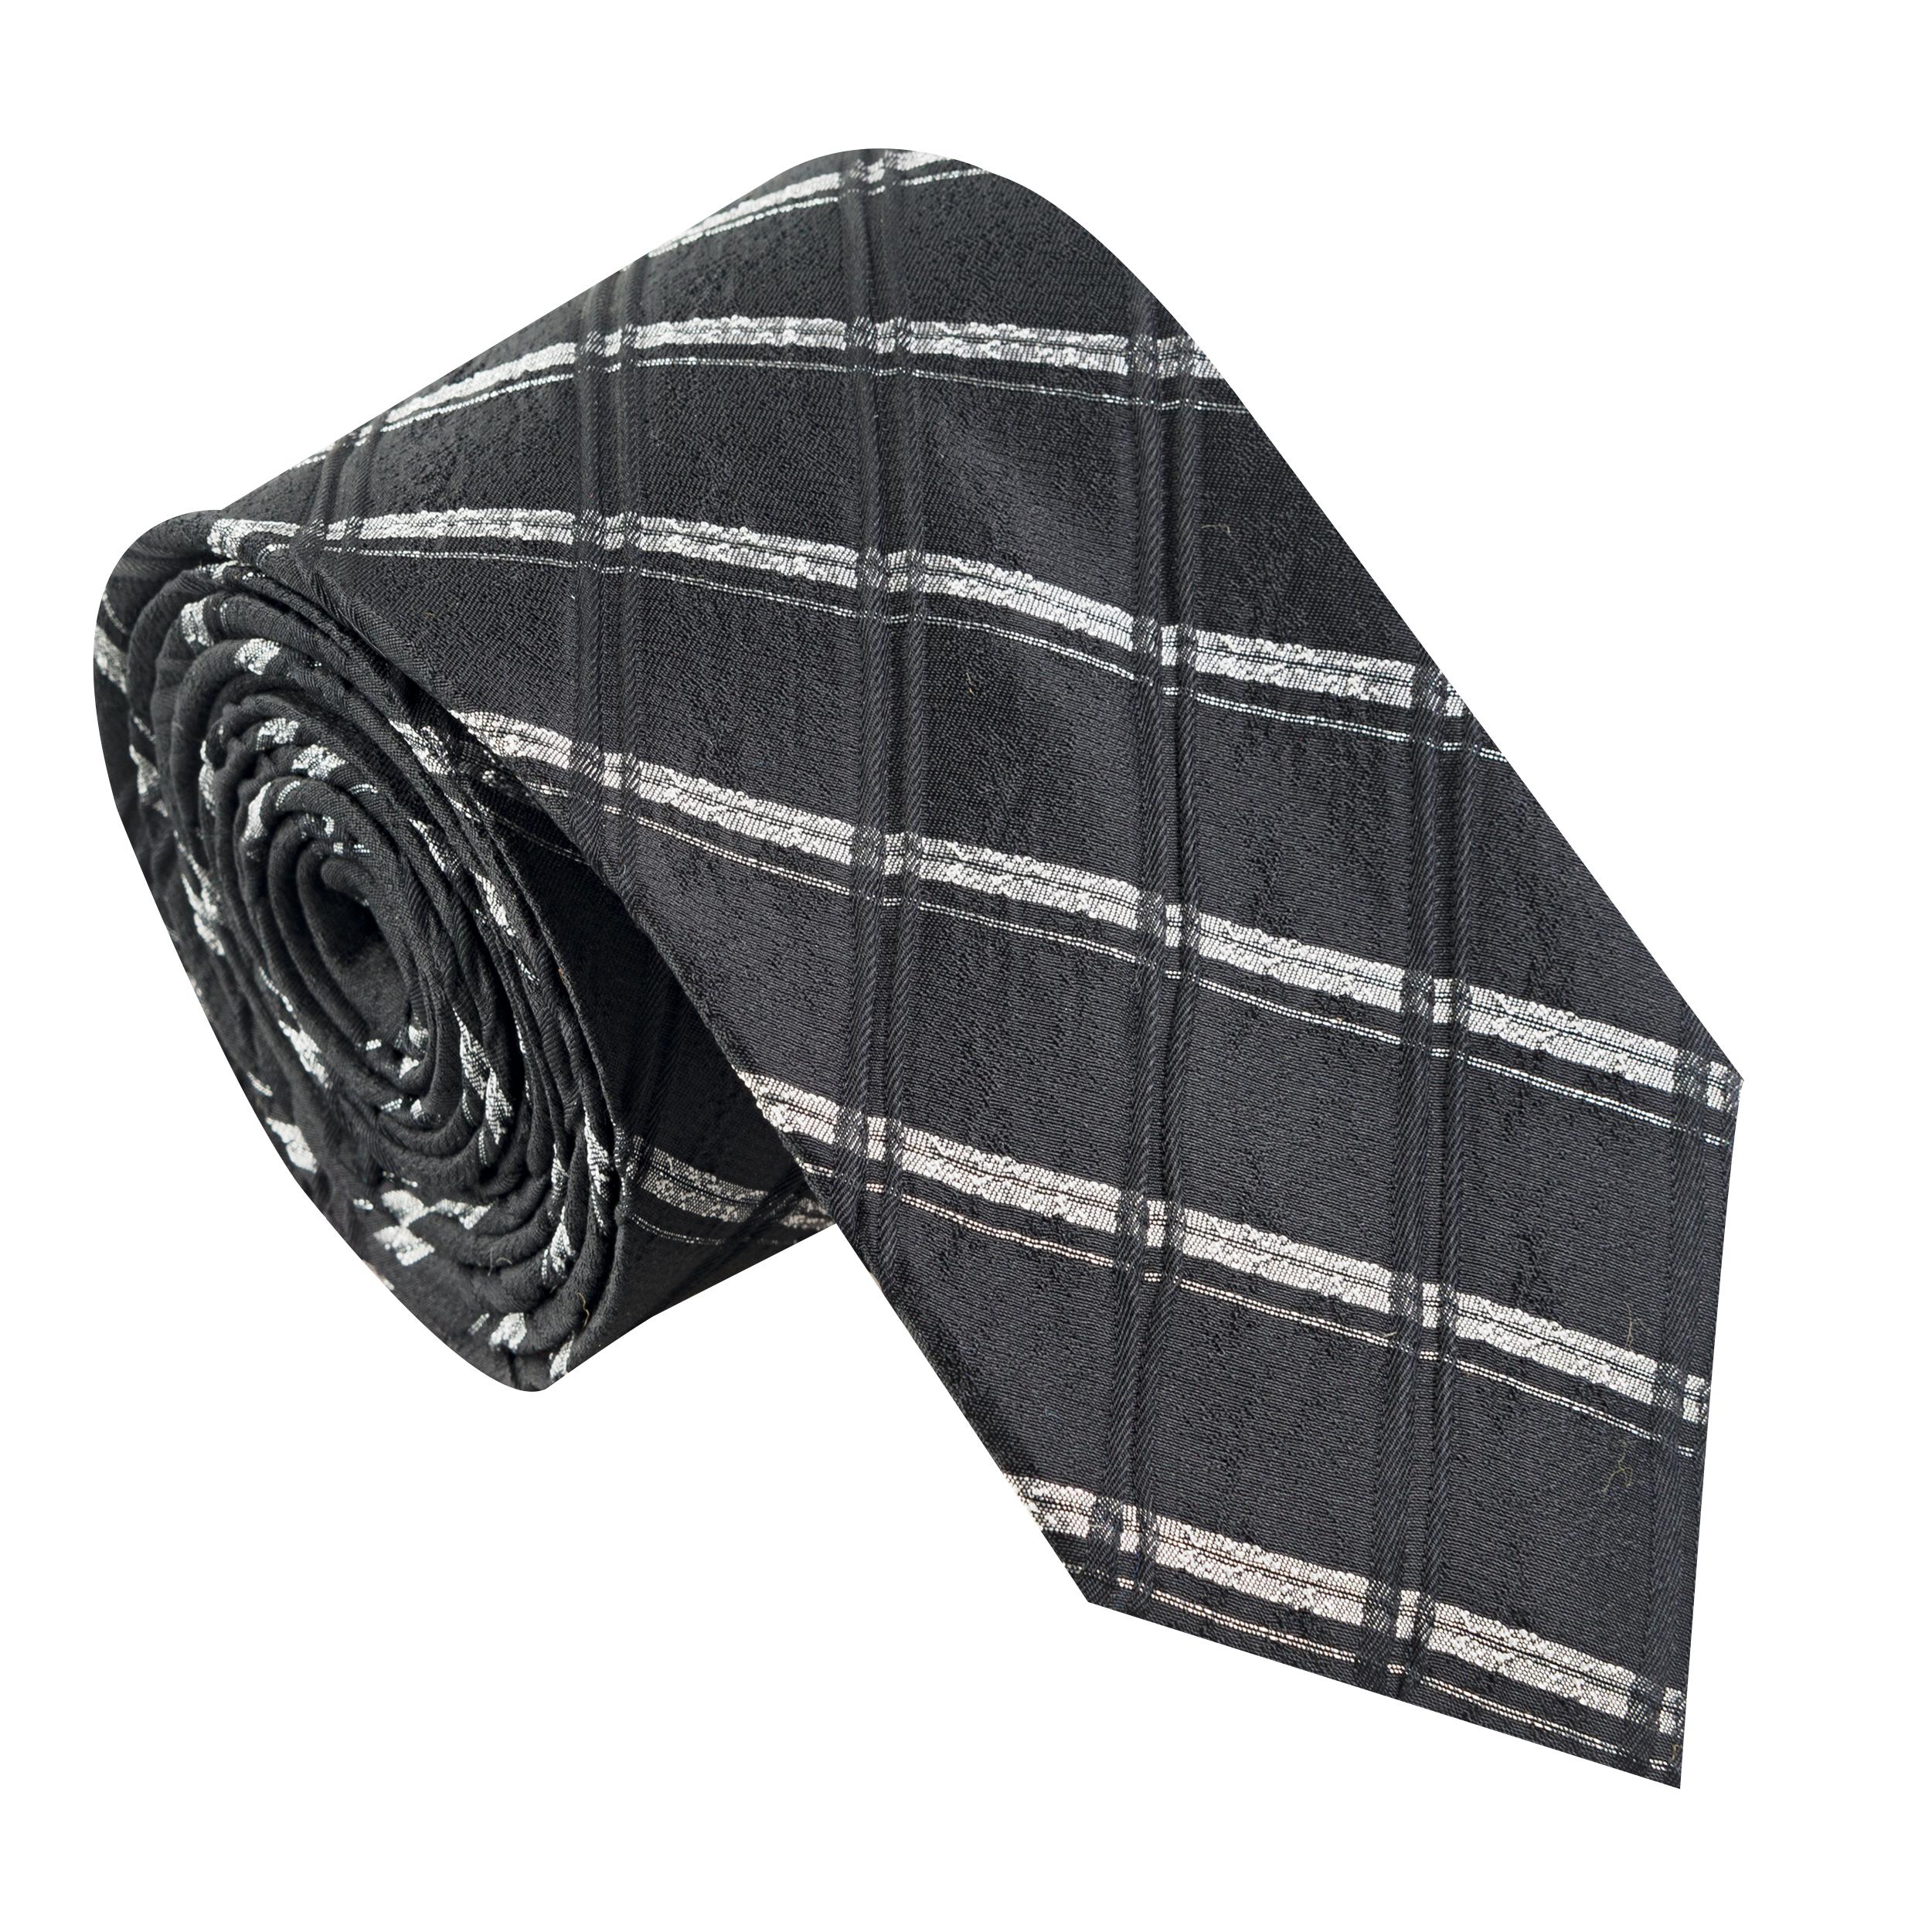 کراوات مردانه جیان فرانکو روسی مدل GF-ST533-BK